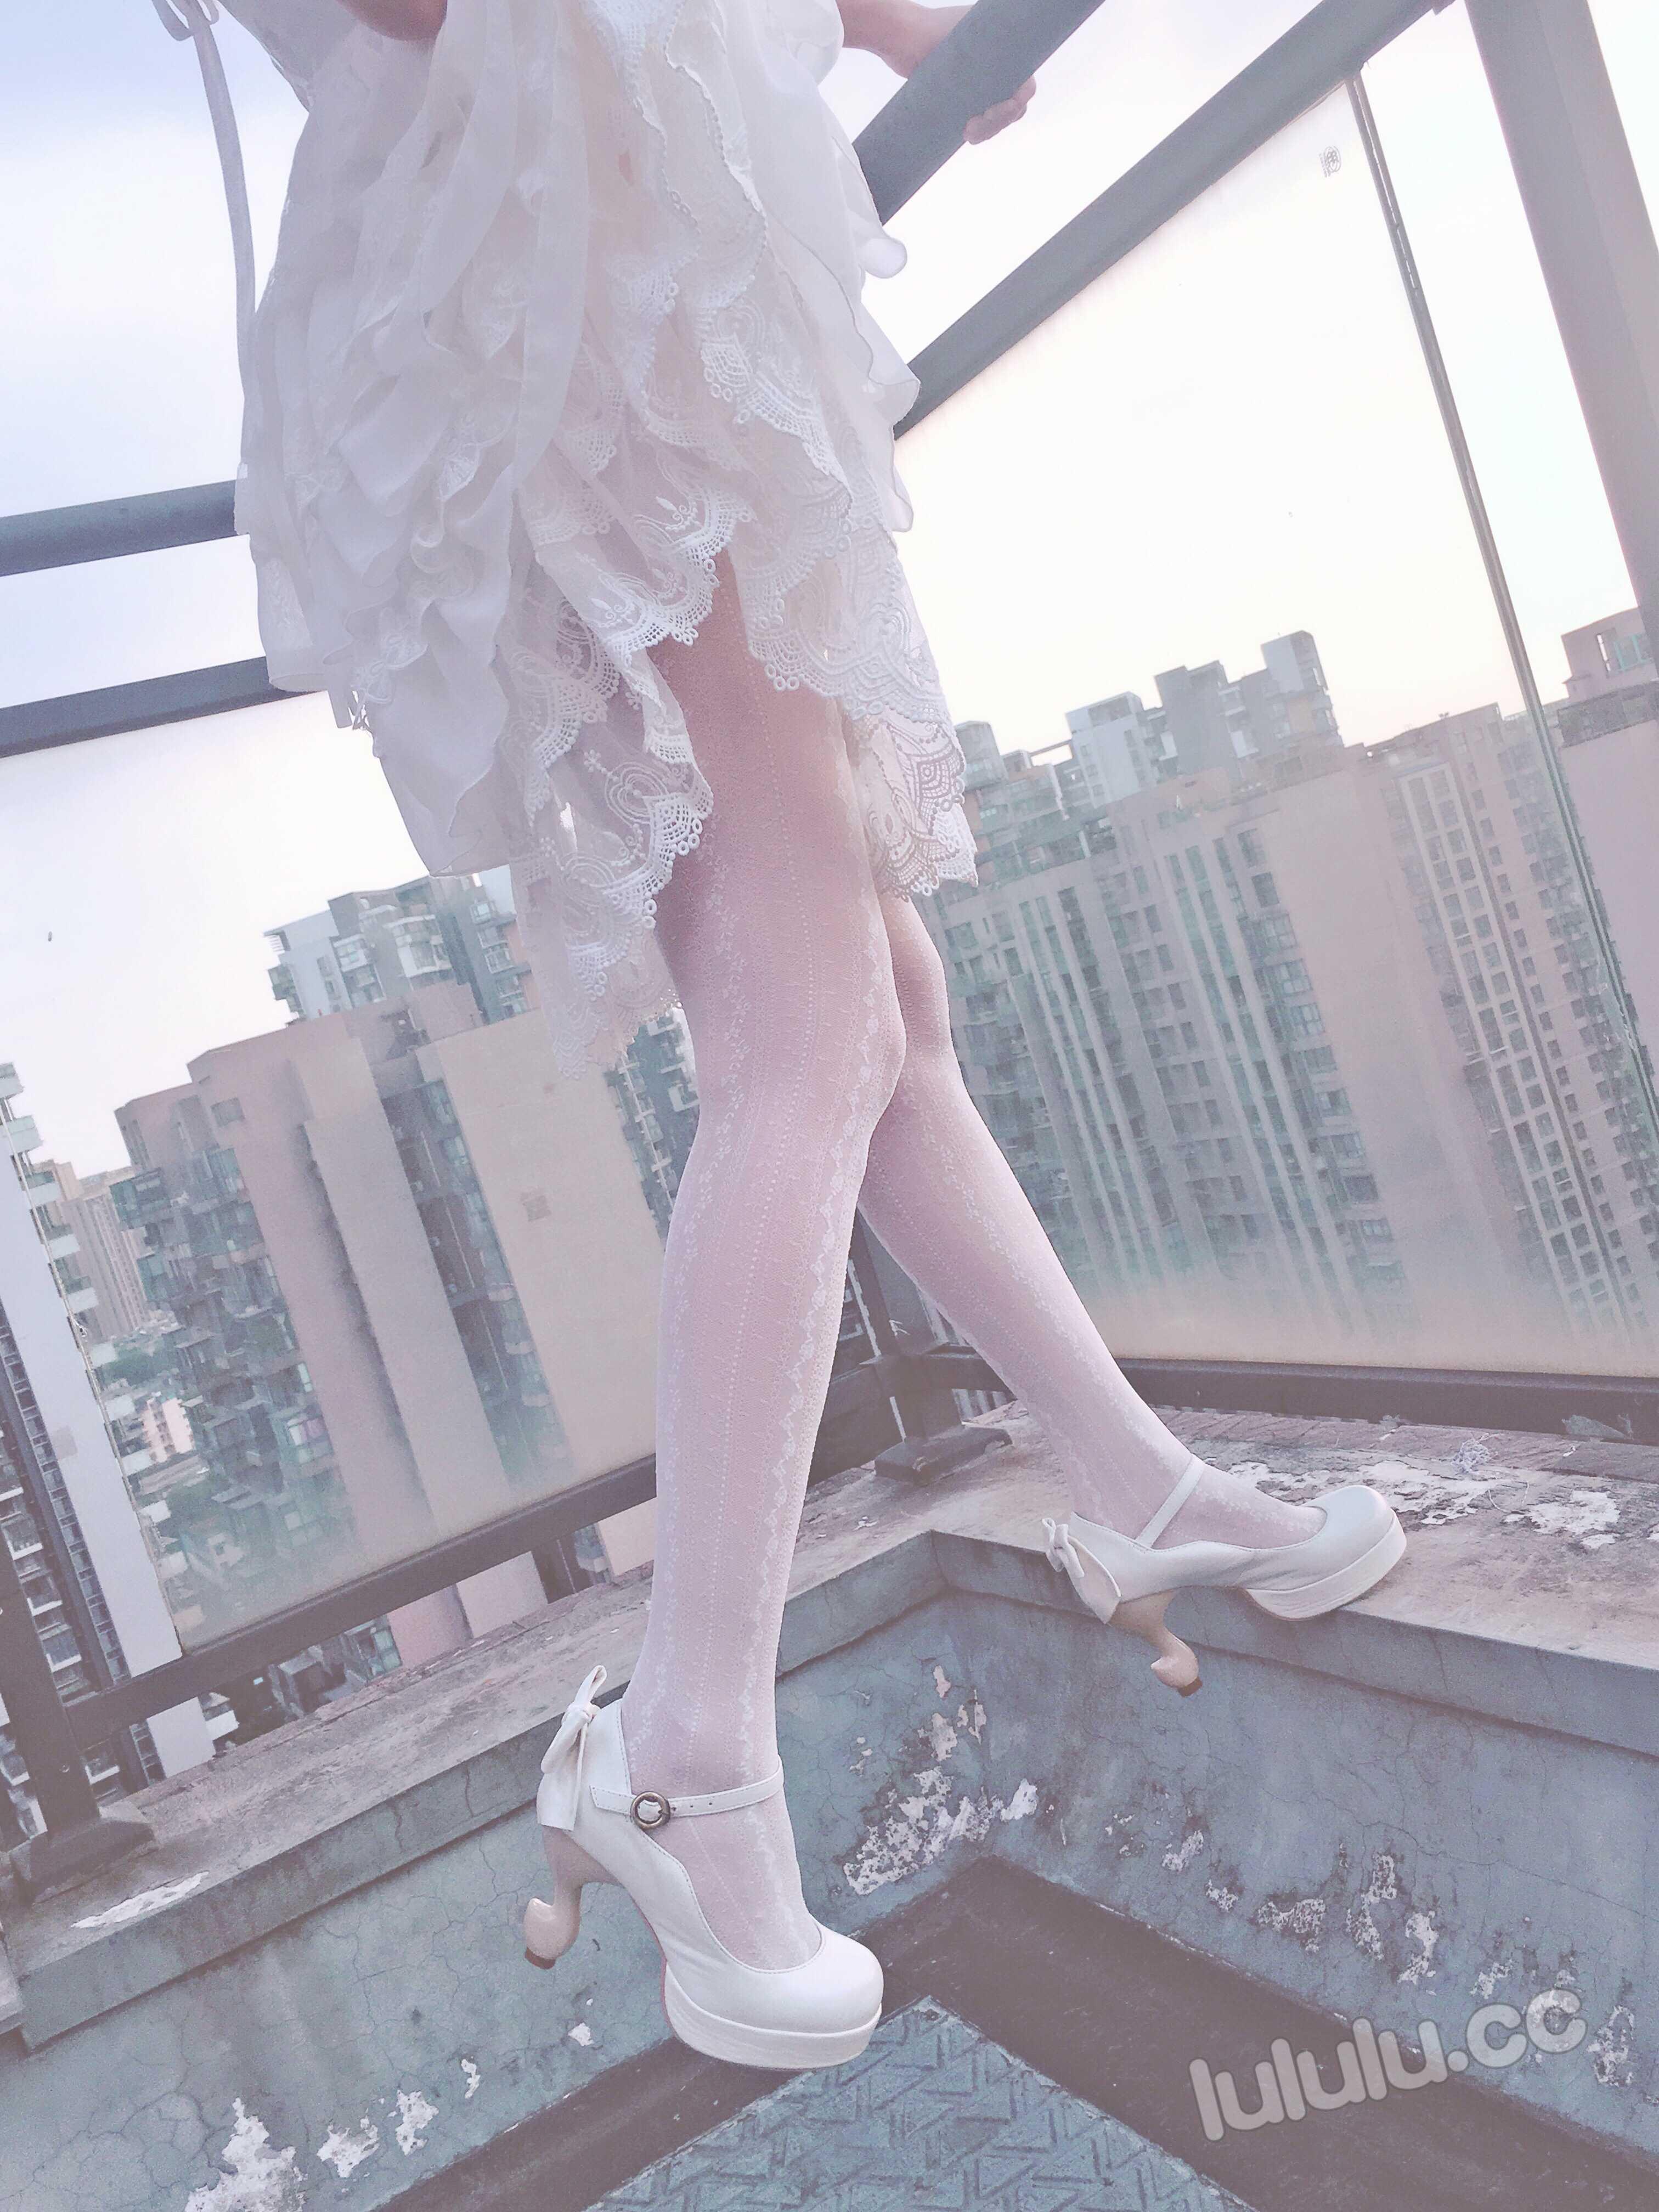 暖暖 103P17V 天台的新娘lolita小洋装 实习女护士的调教课程 女搜查官 【xp1024fuli.com】